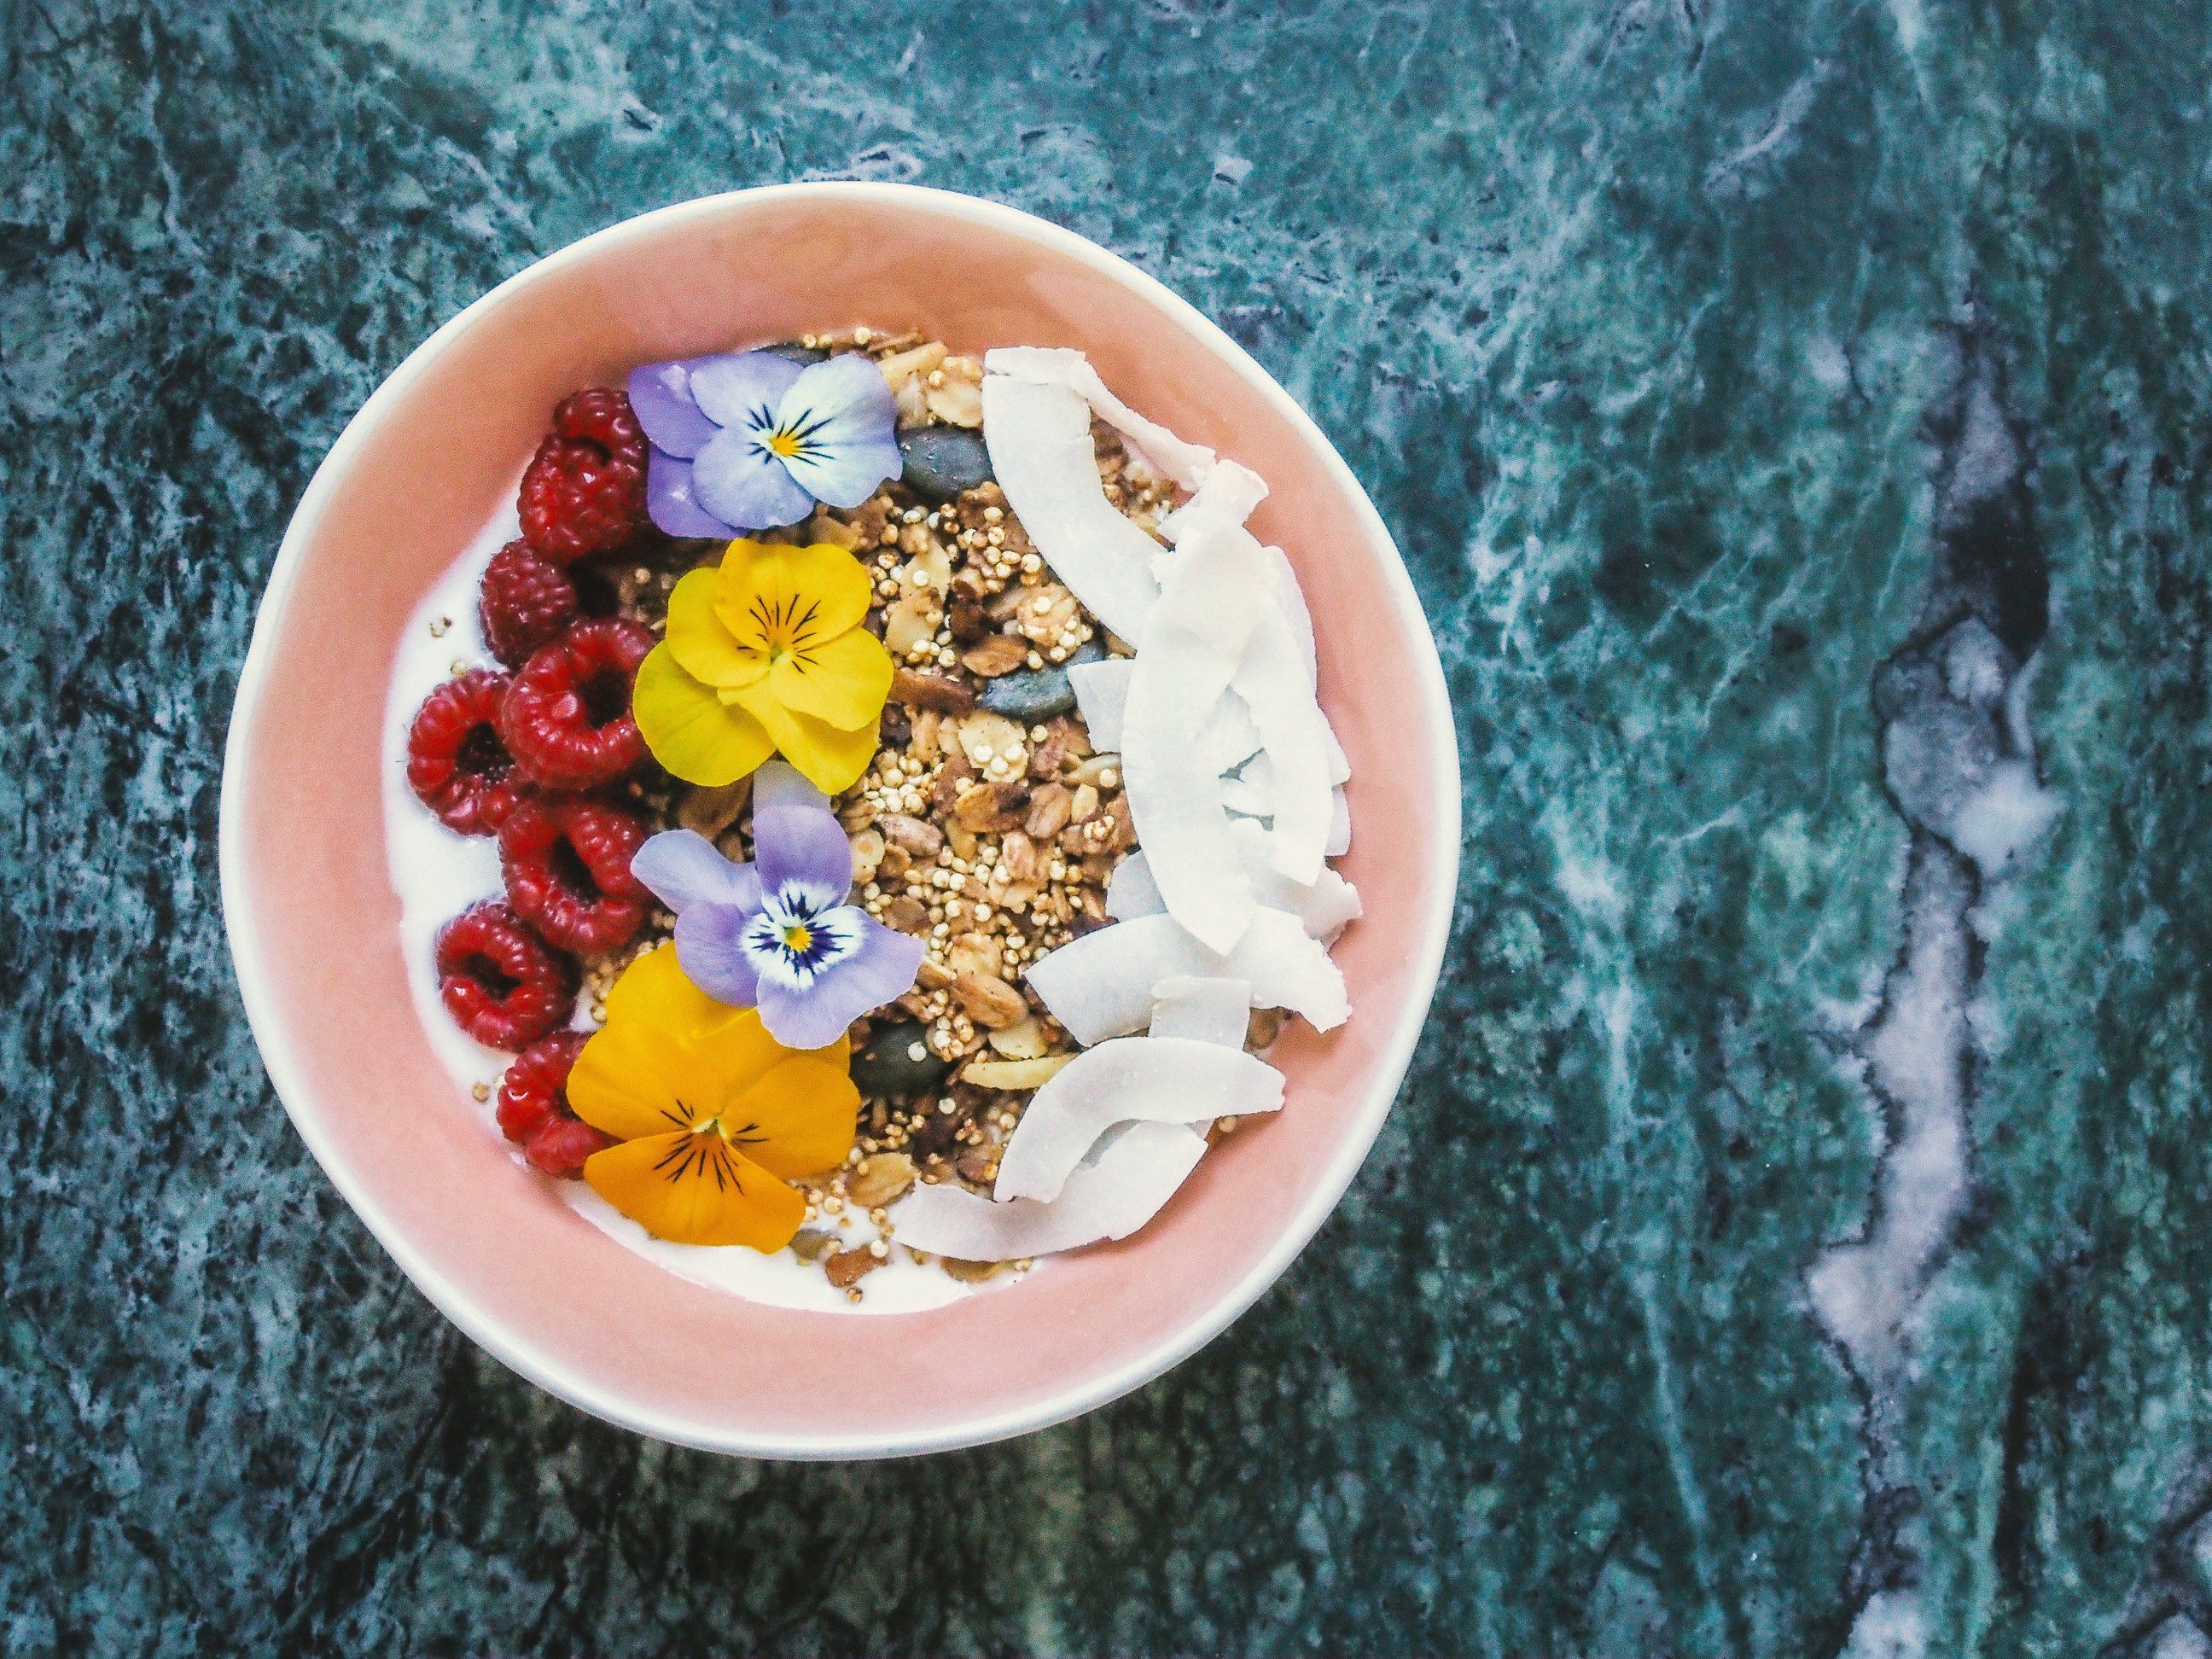 cibi peggiori da mangiare quando si cerca di perdere peso